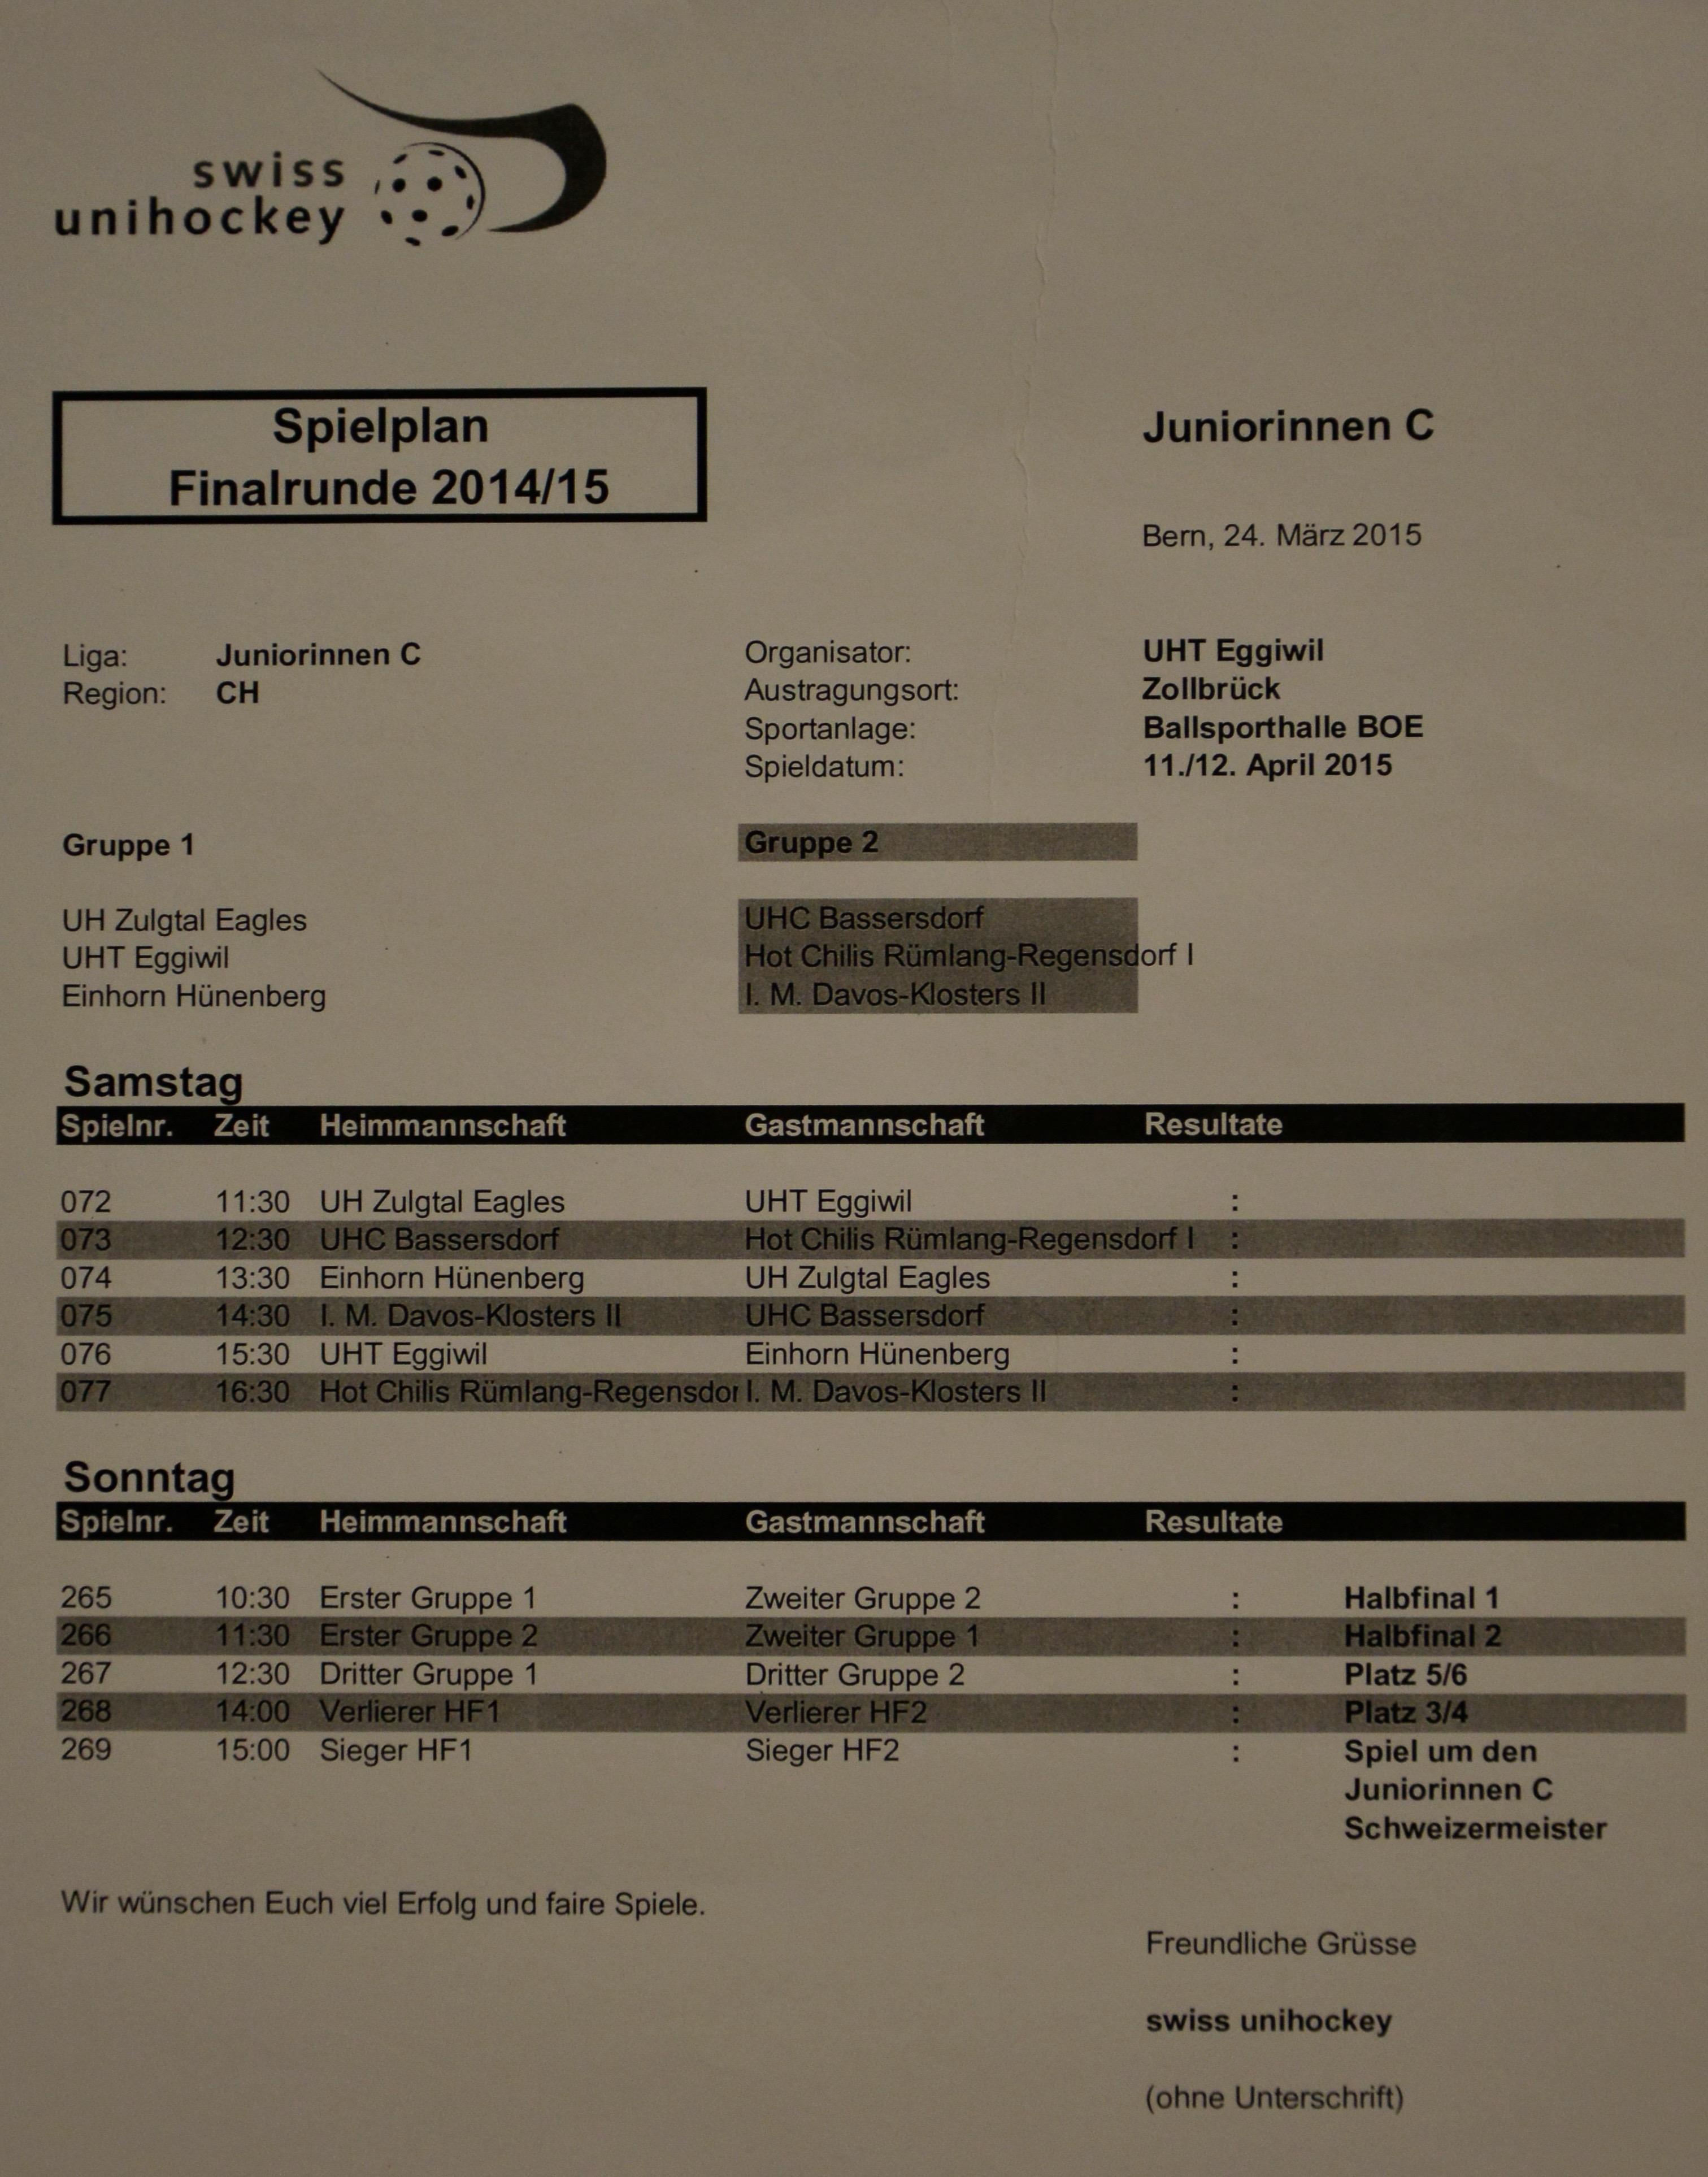 Juniorinnen C - Gruppenspiele Schweizer Meisterschaften Saison 2014/15